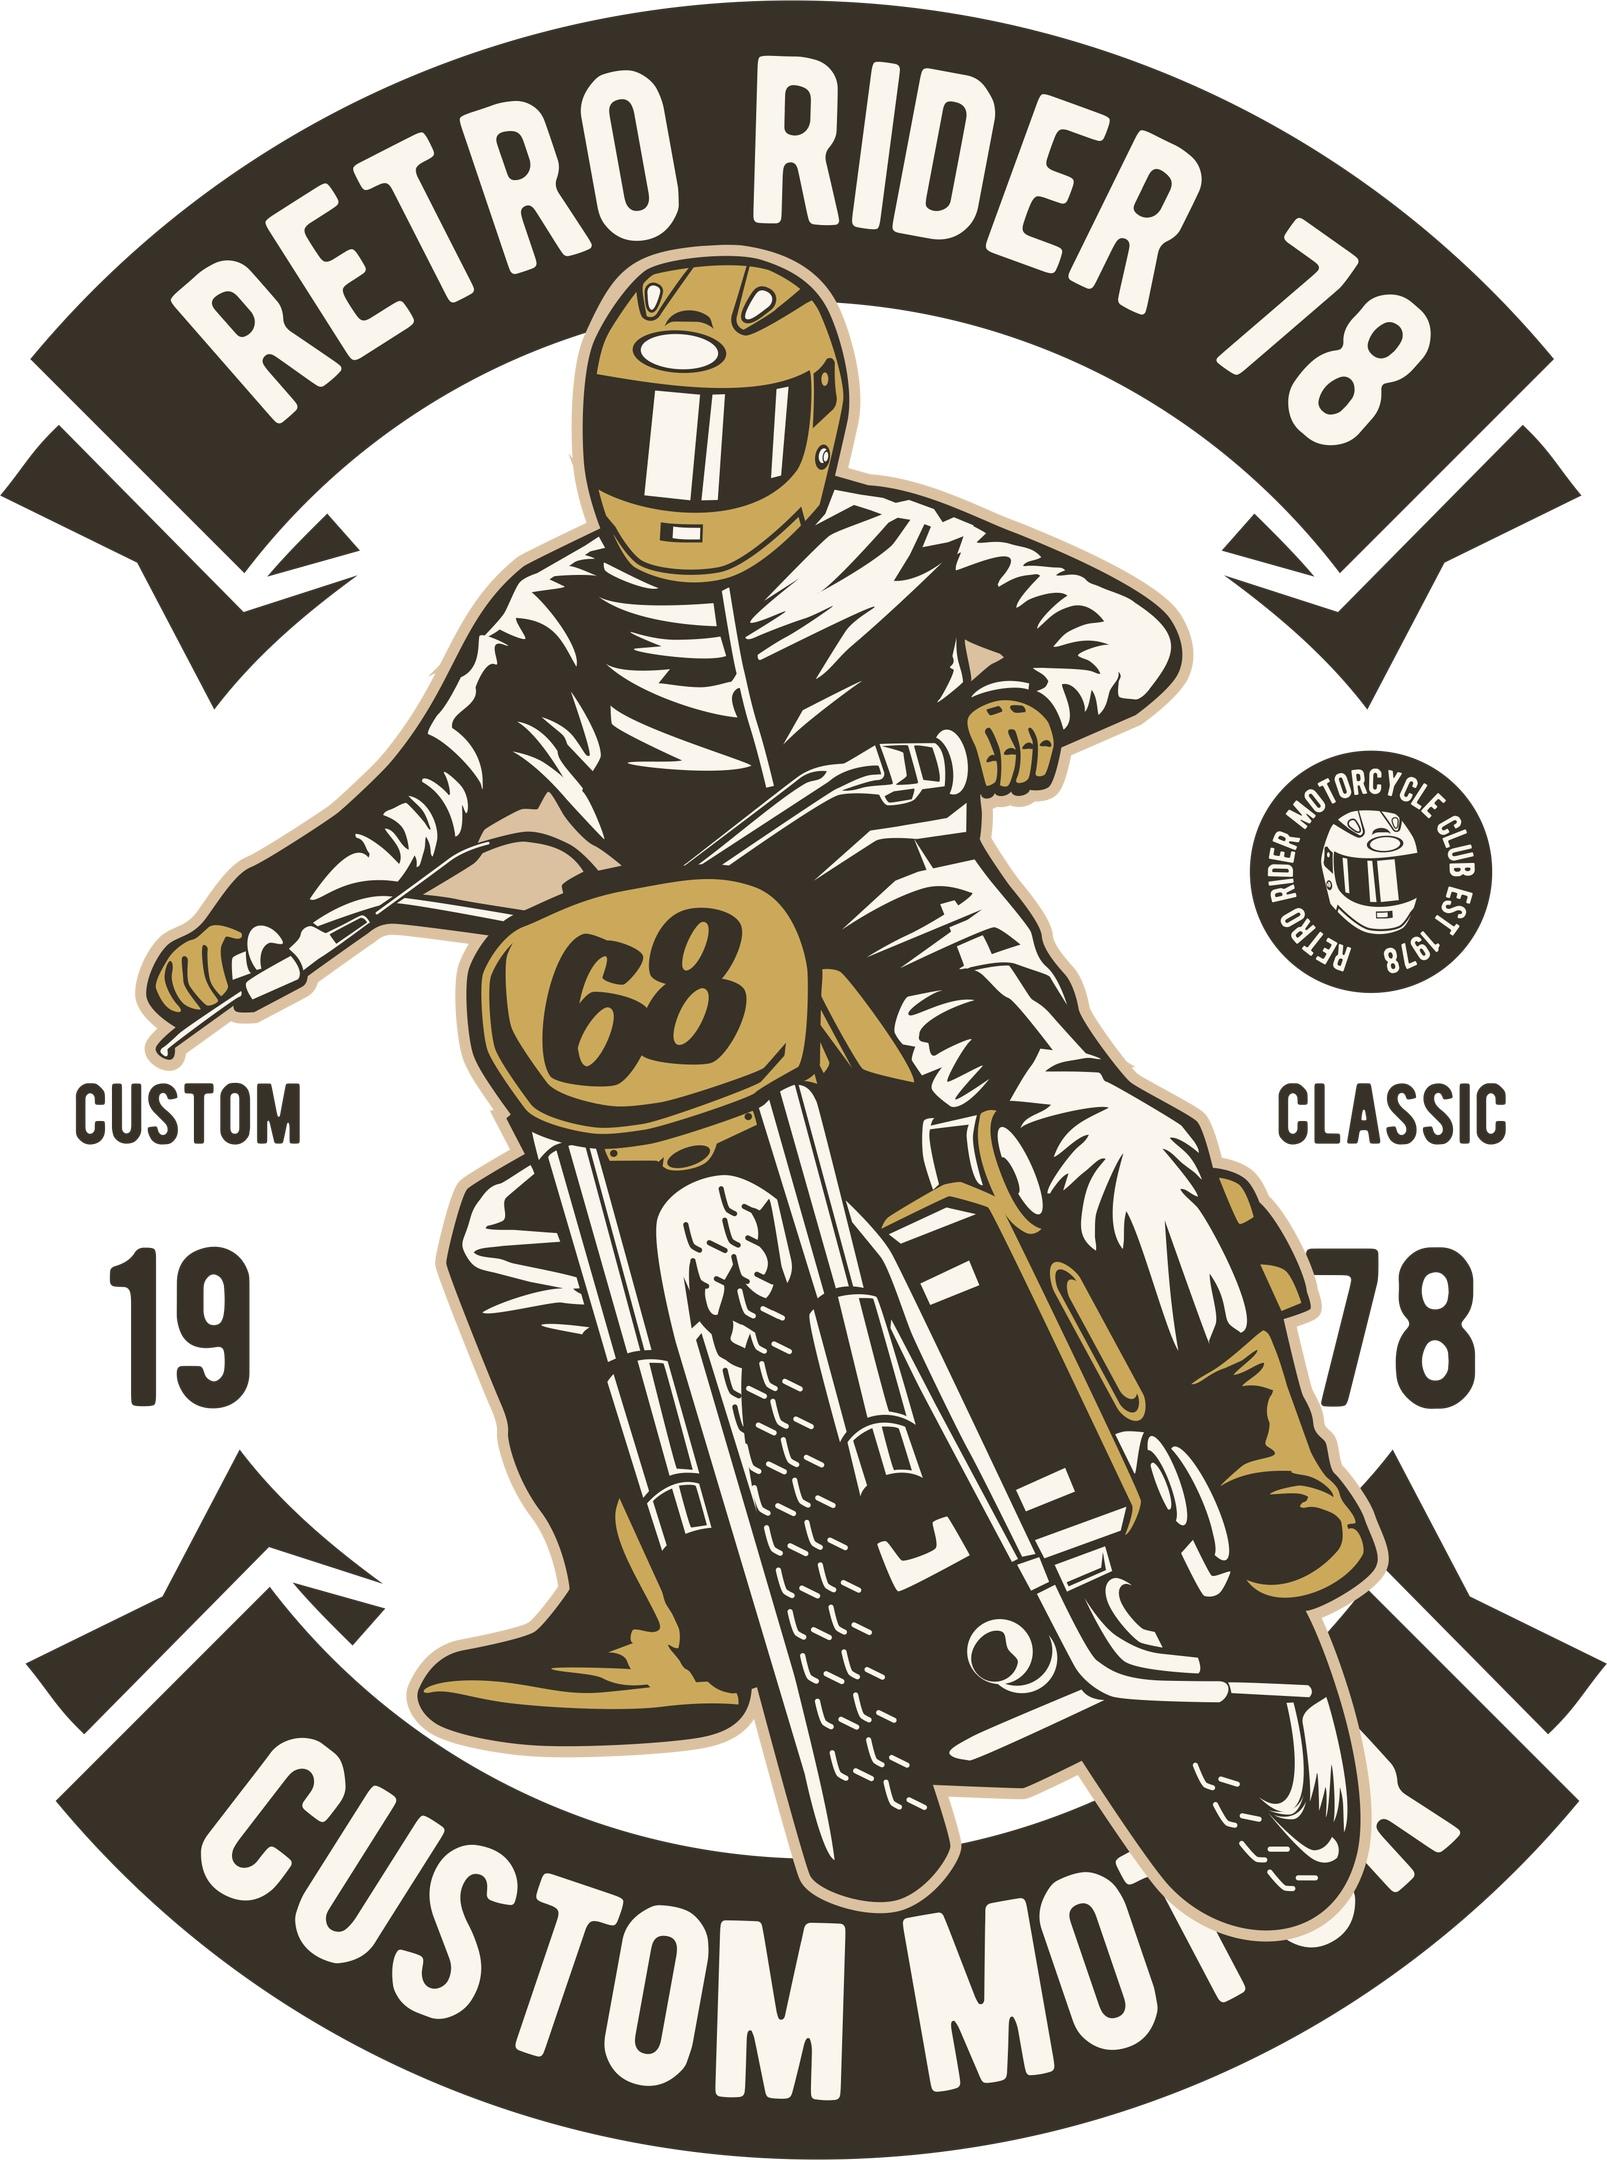 Download Retro Rider Print Free Vector Cdr Download 3axis Co Desain Logo Ilustrasi Karakter Seni Grafis